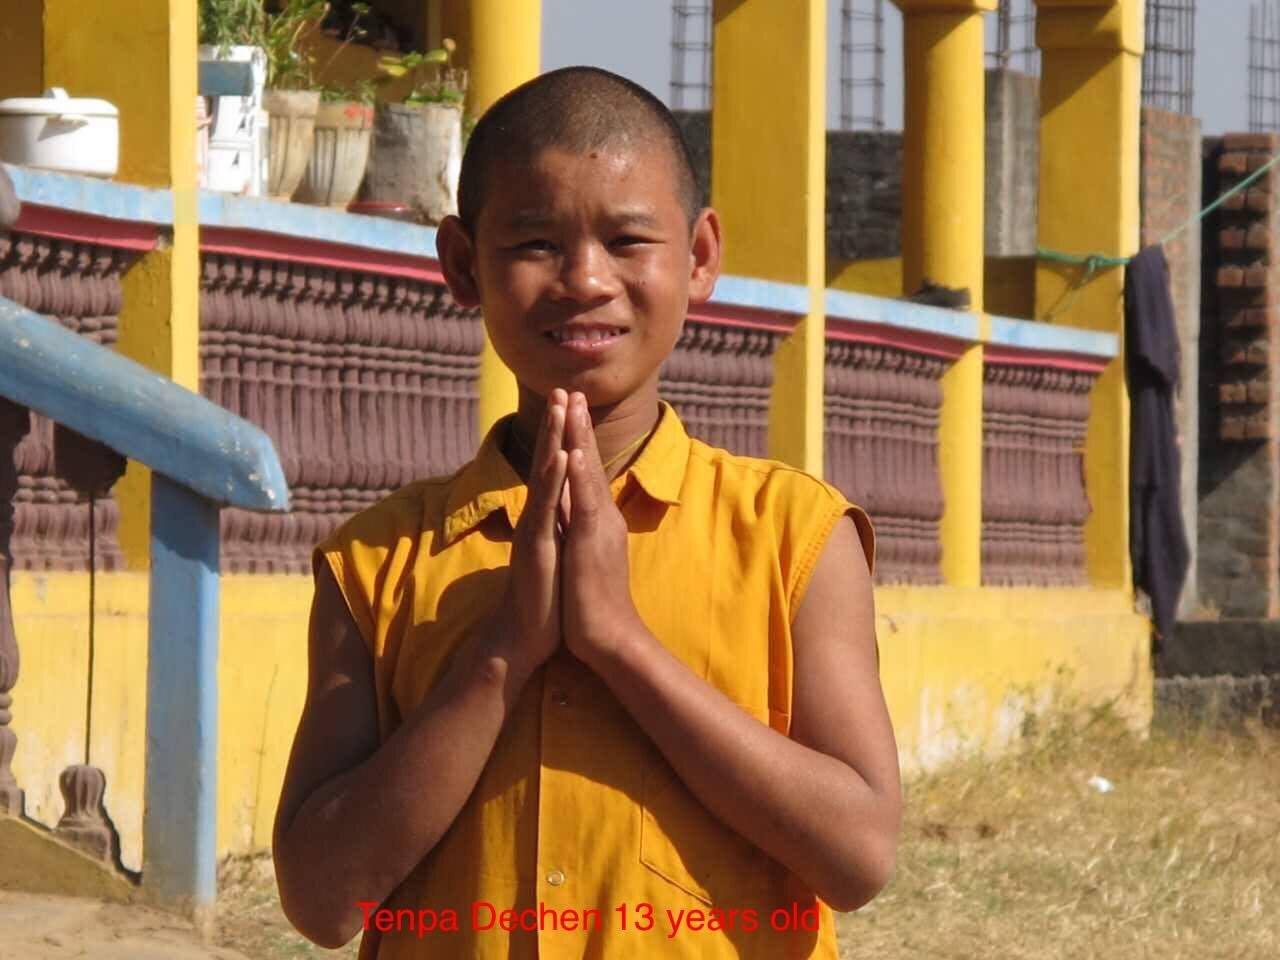 Monk_Tenpa_Dechen_13yrs_old.jpg